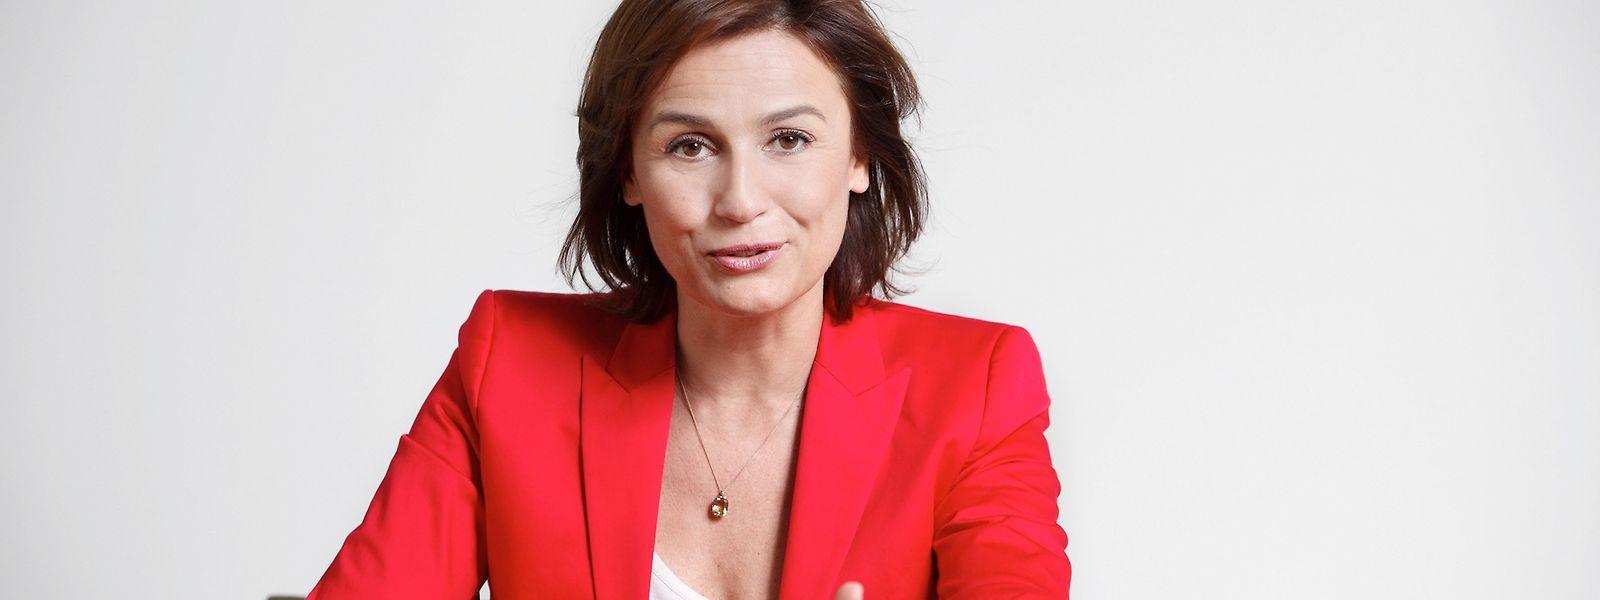 """Seit 13 Jahren moderiert die beliebte TV-Journalistin die Sendung """"Maischberger""""."""